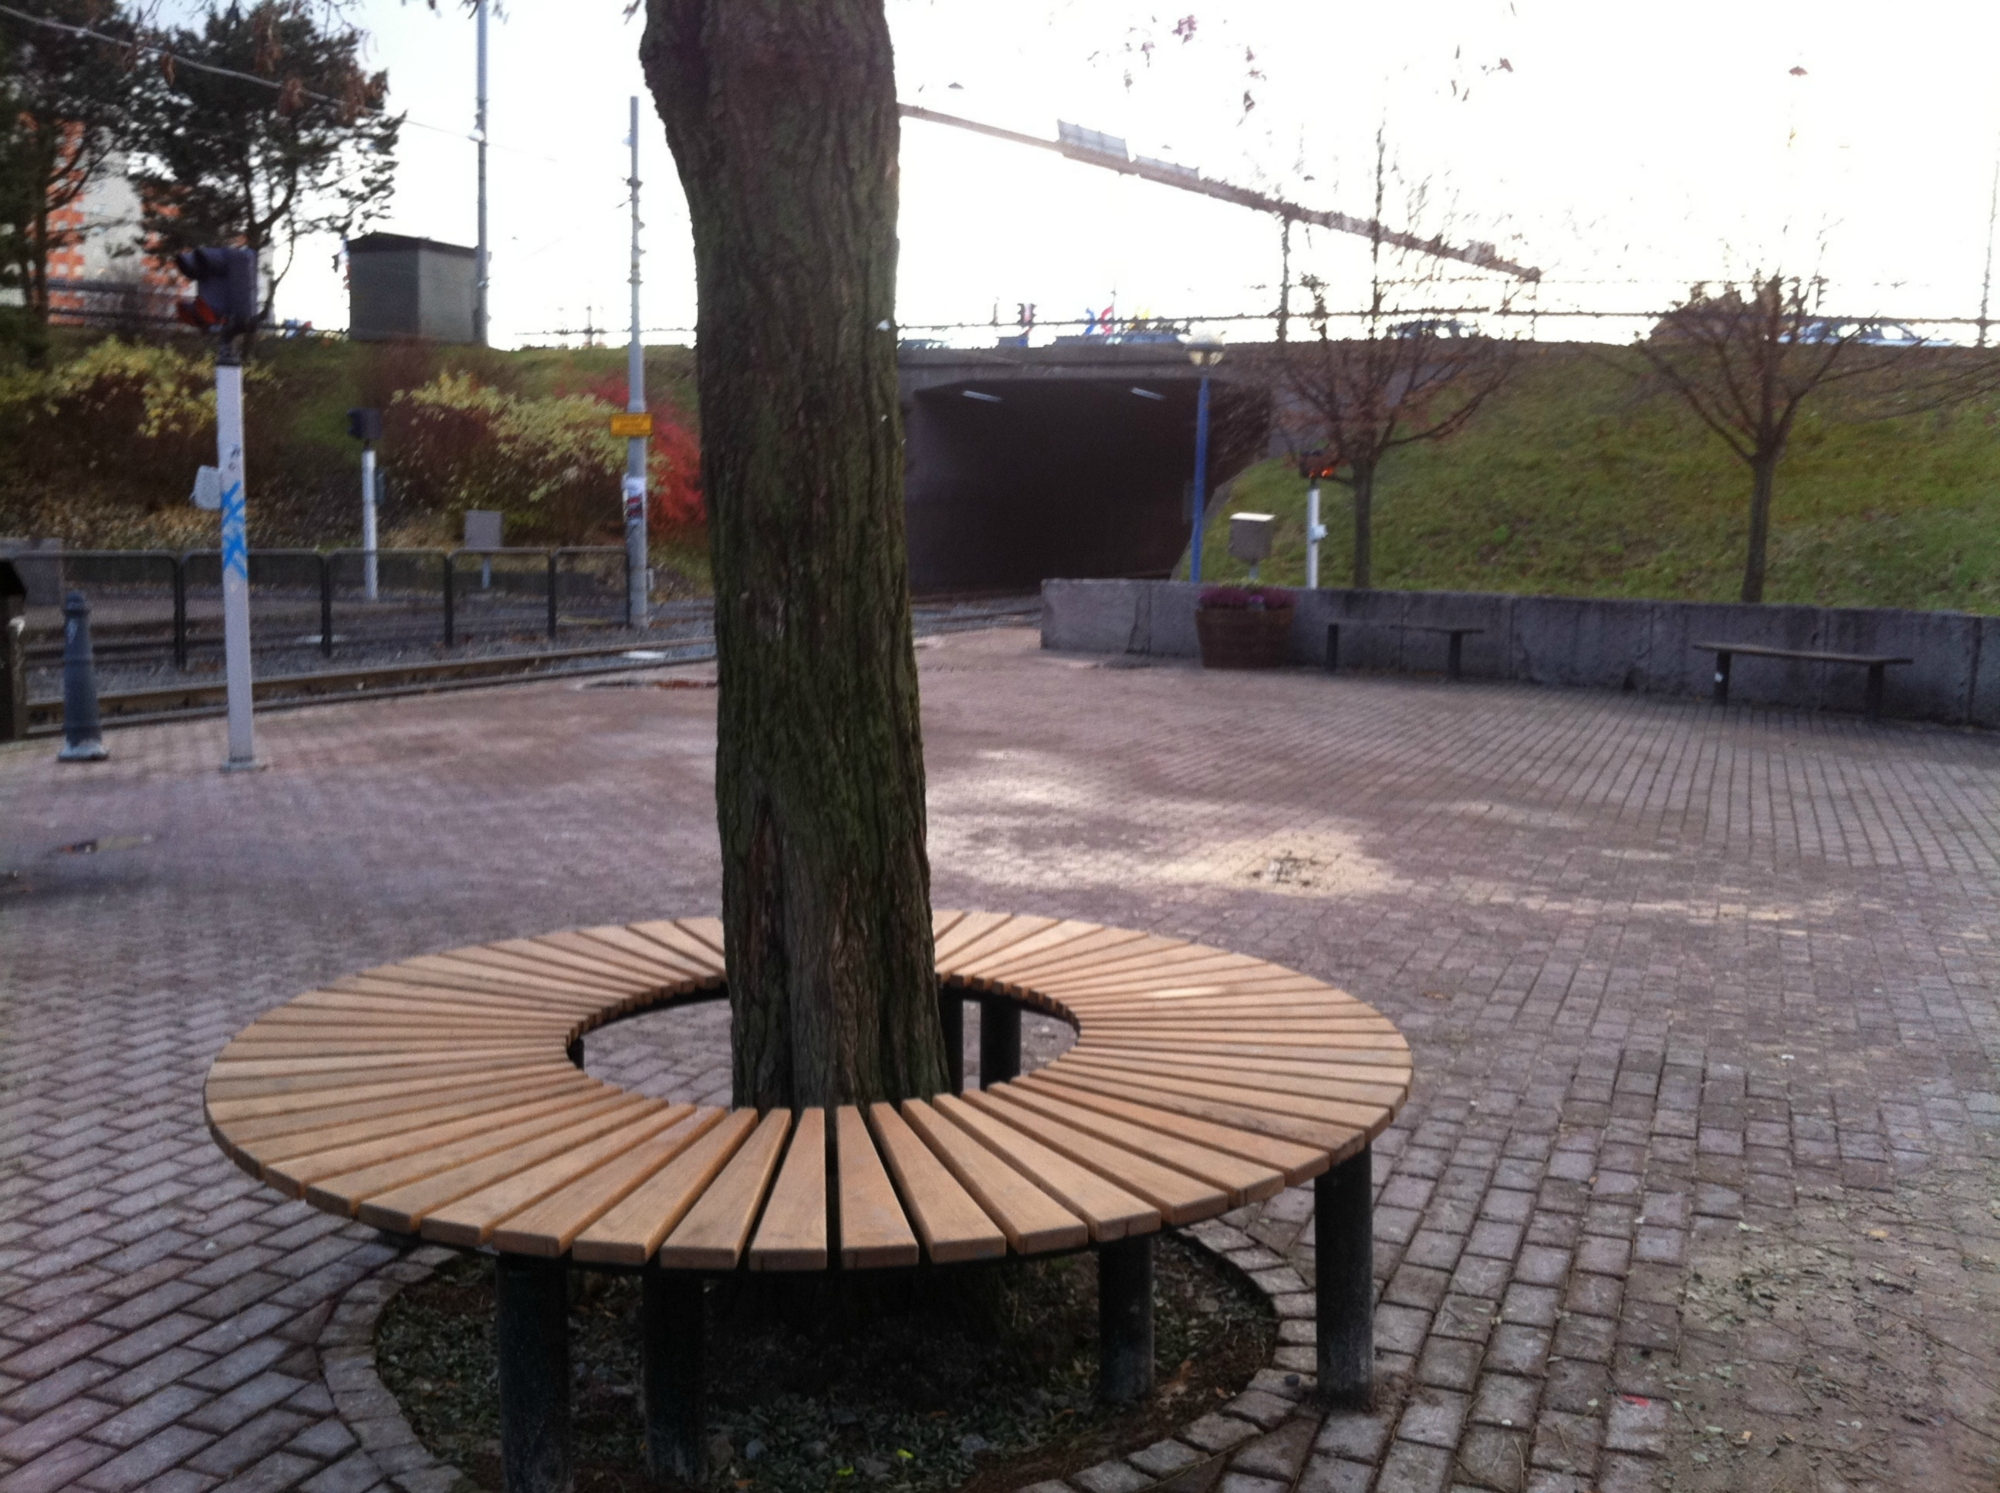 Buztic com ritning bänk runt träd ~ Design Inspiration für die neueste Wohnkultur